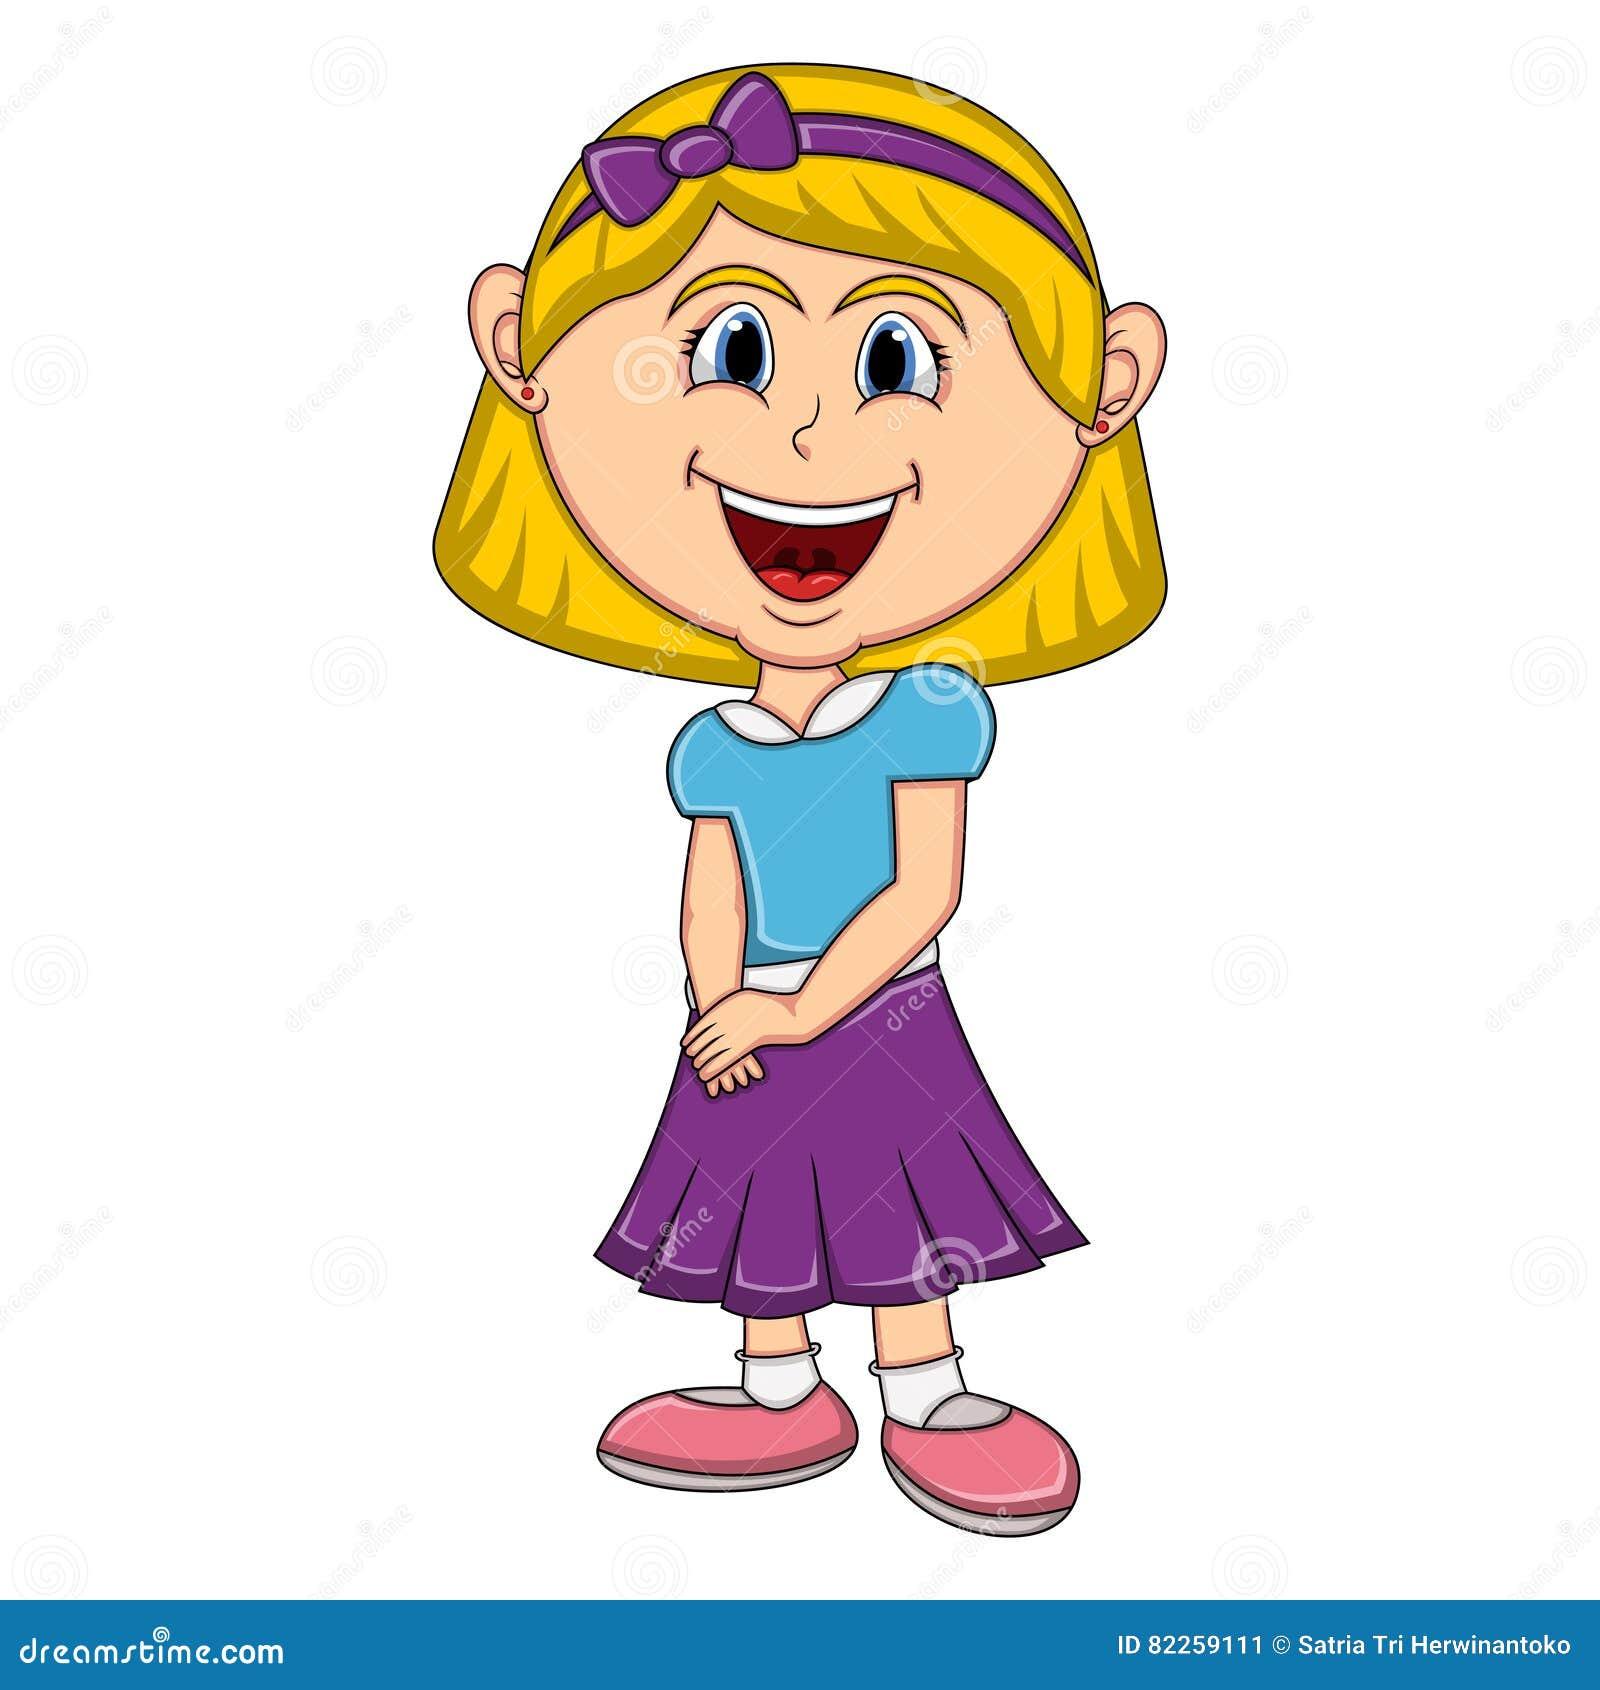 Beautiful Little Girl Cartoon Stock Vector Illustration Of Cartoon